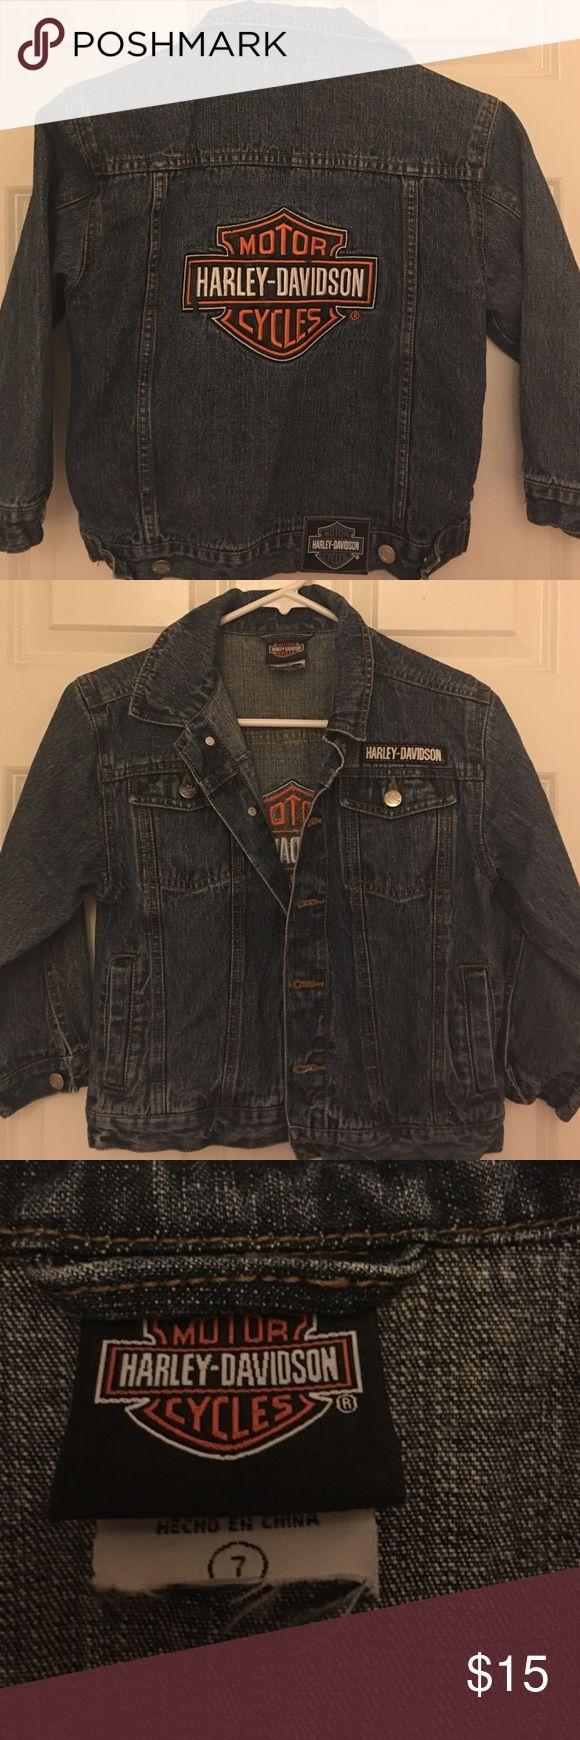 Kids hardly Davidson Jean jacket size 7 Kids hardly Davidson Jean jacket. Gently used but in great condition.  size 7 Harley-Davidson Jackets & Coats Jean Jackets